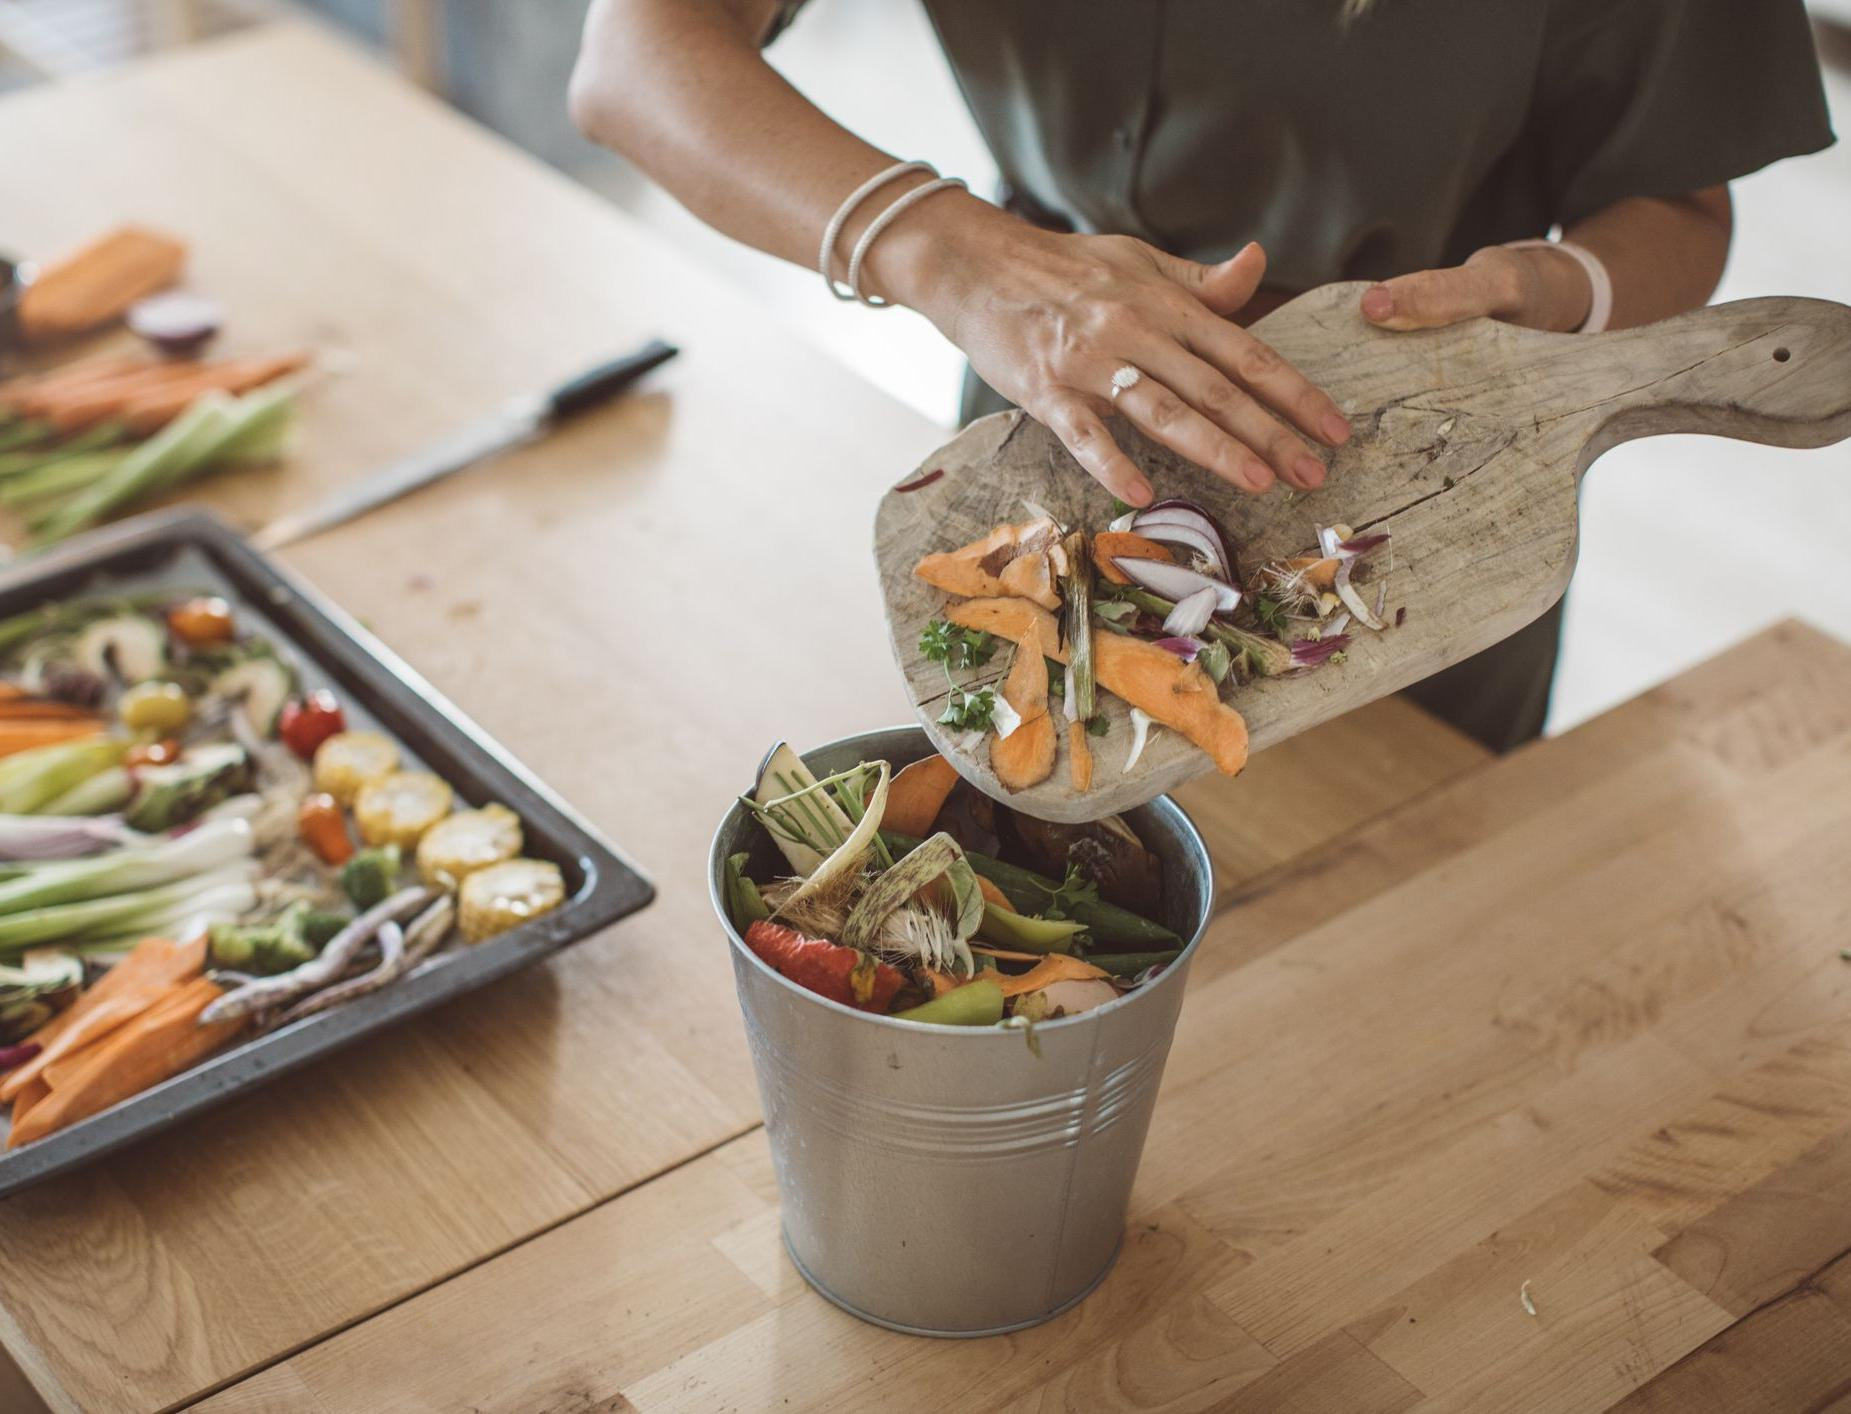 Приложение Kitche: виртуальная кухня, уменьшающая пищевые отходы